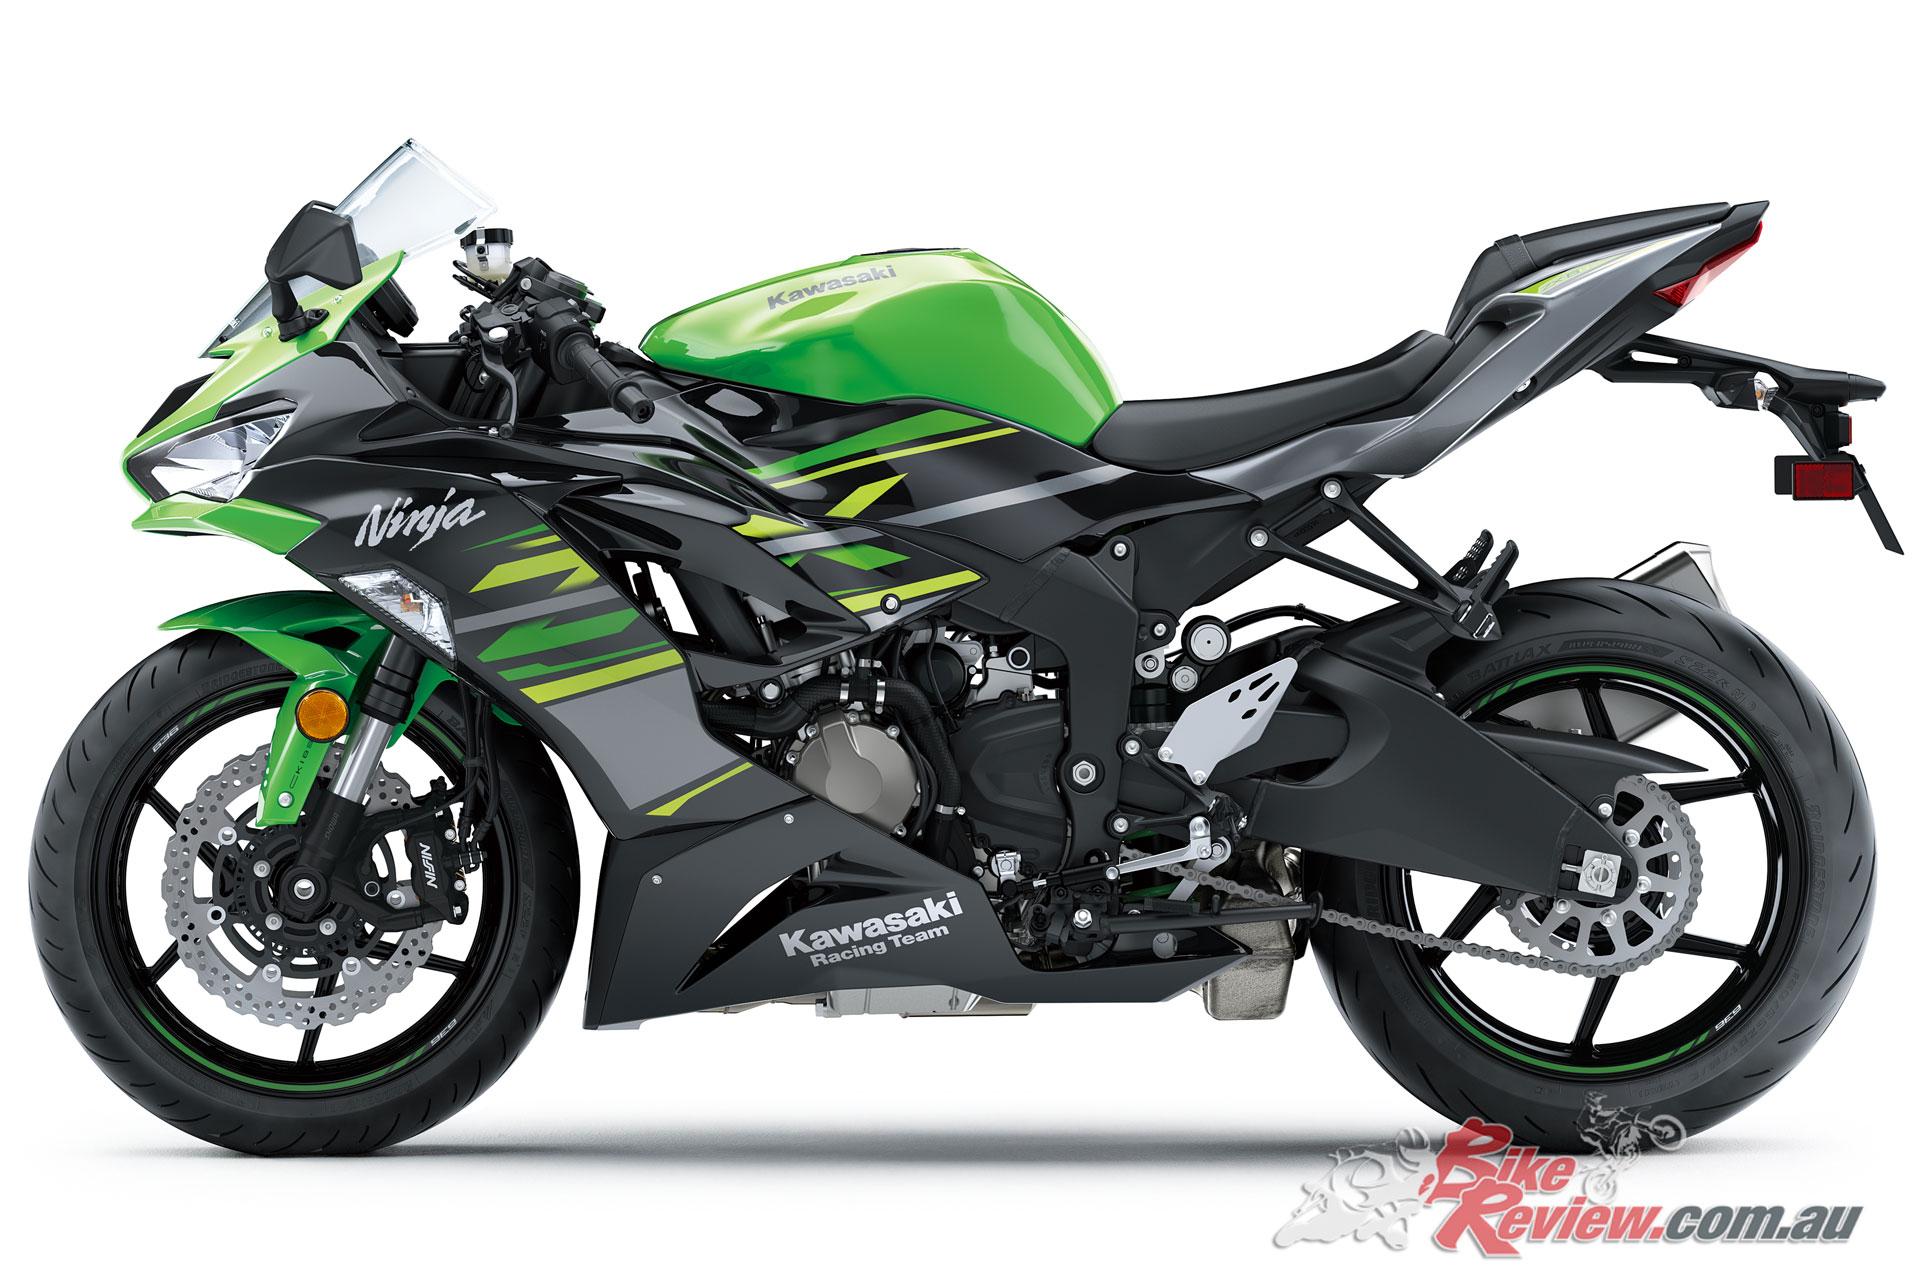 2019 Kawasaki Ninja ZX-6R 636